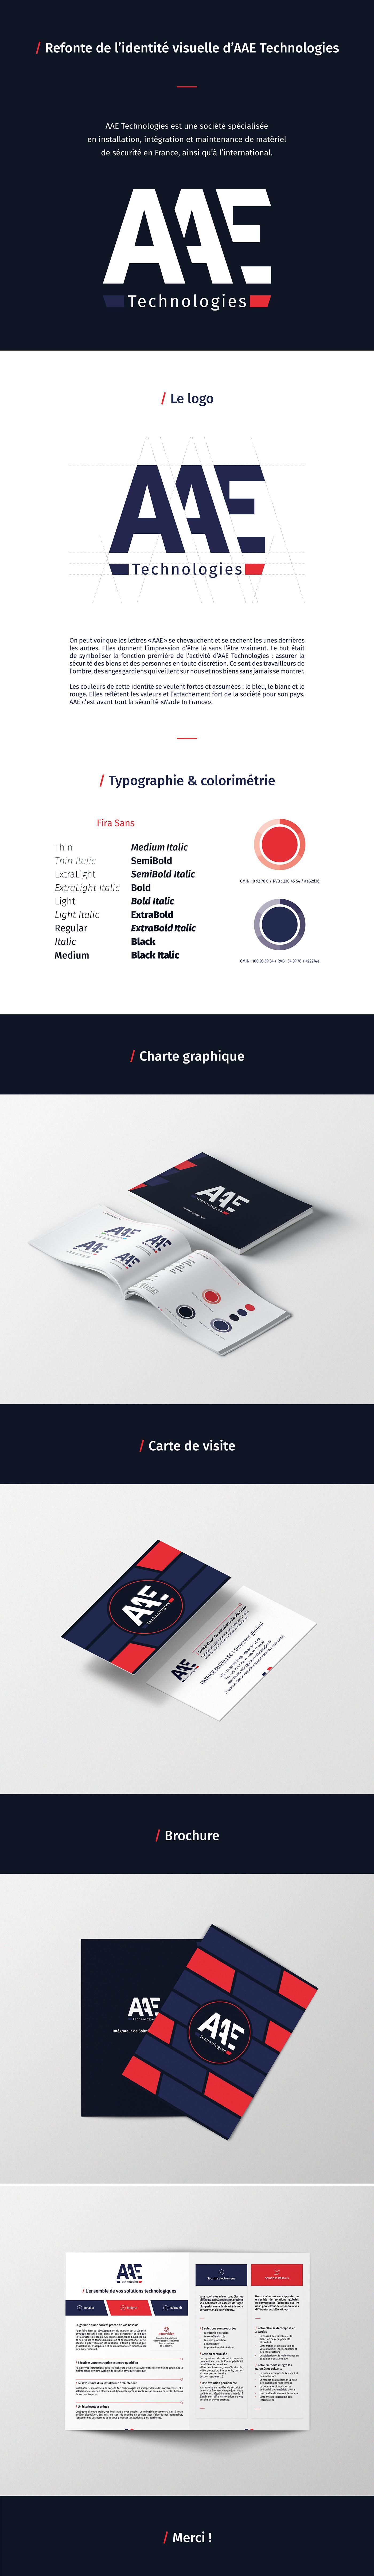 logo identité visuelle direction artistique edition print charte graphique graphisme graphiste freelance AAE Technologies marque